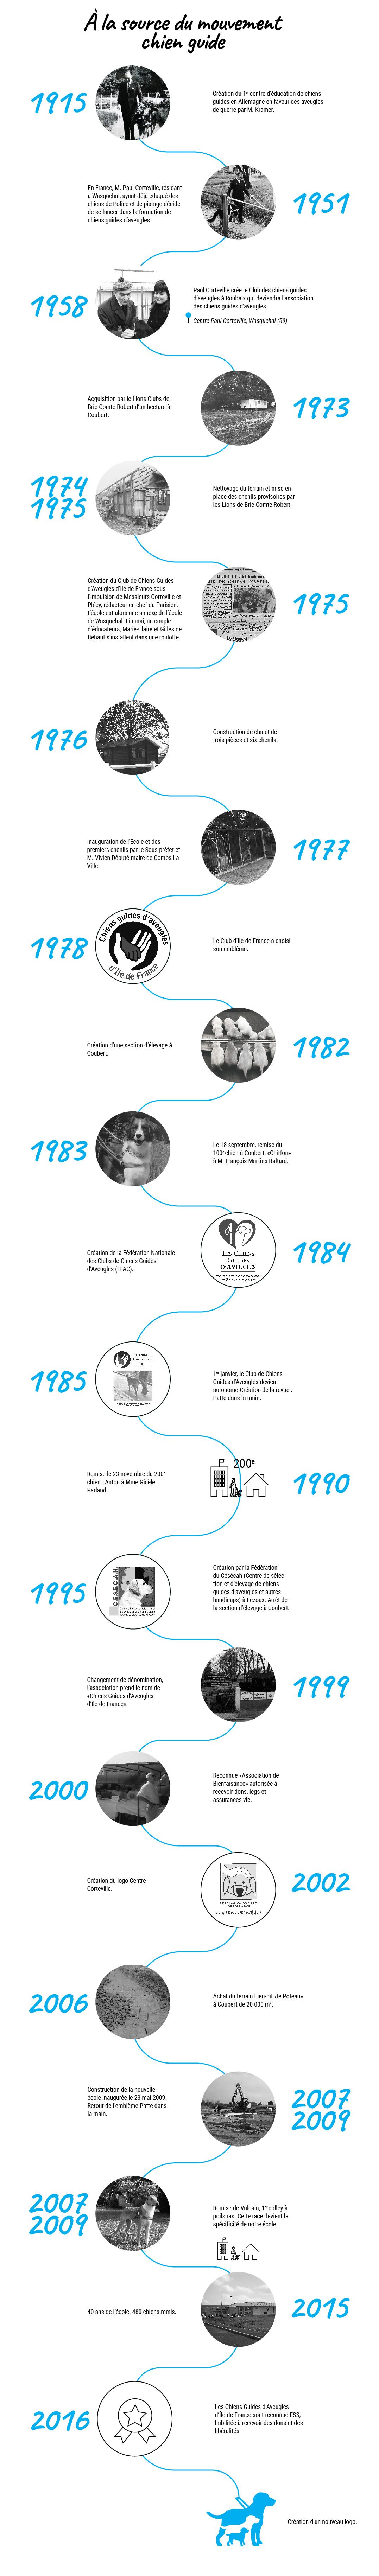 Infographie: À la source du mouvement chien guide